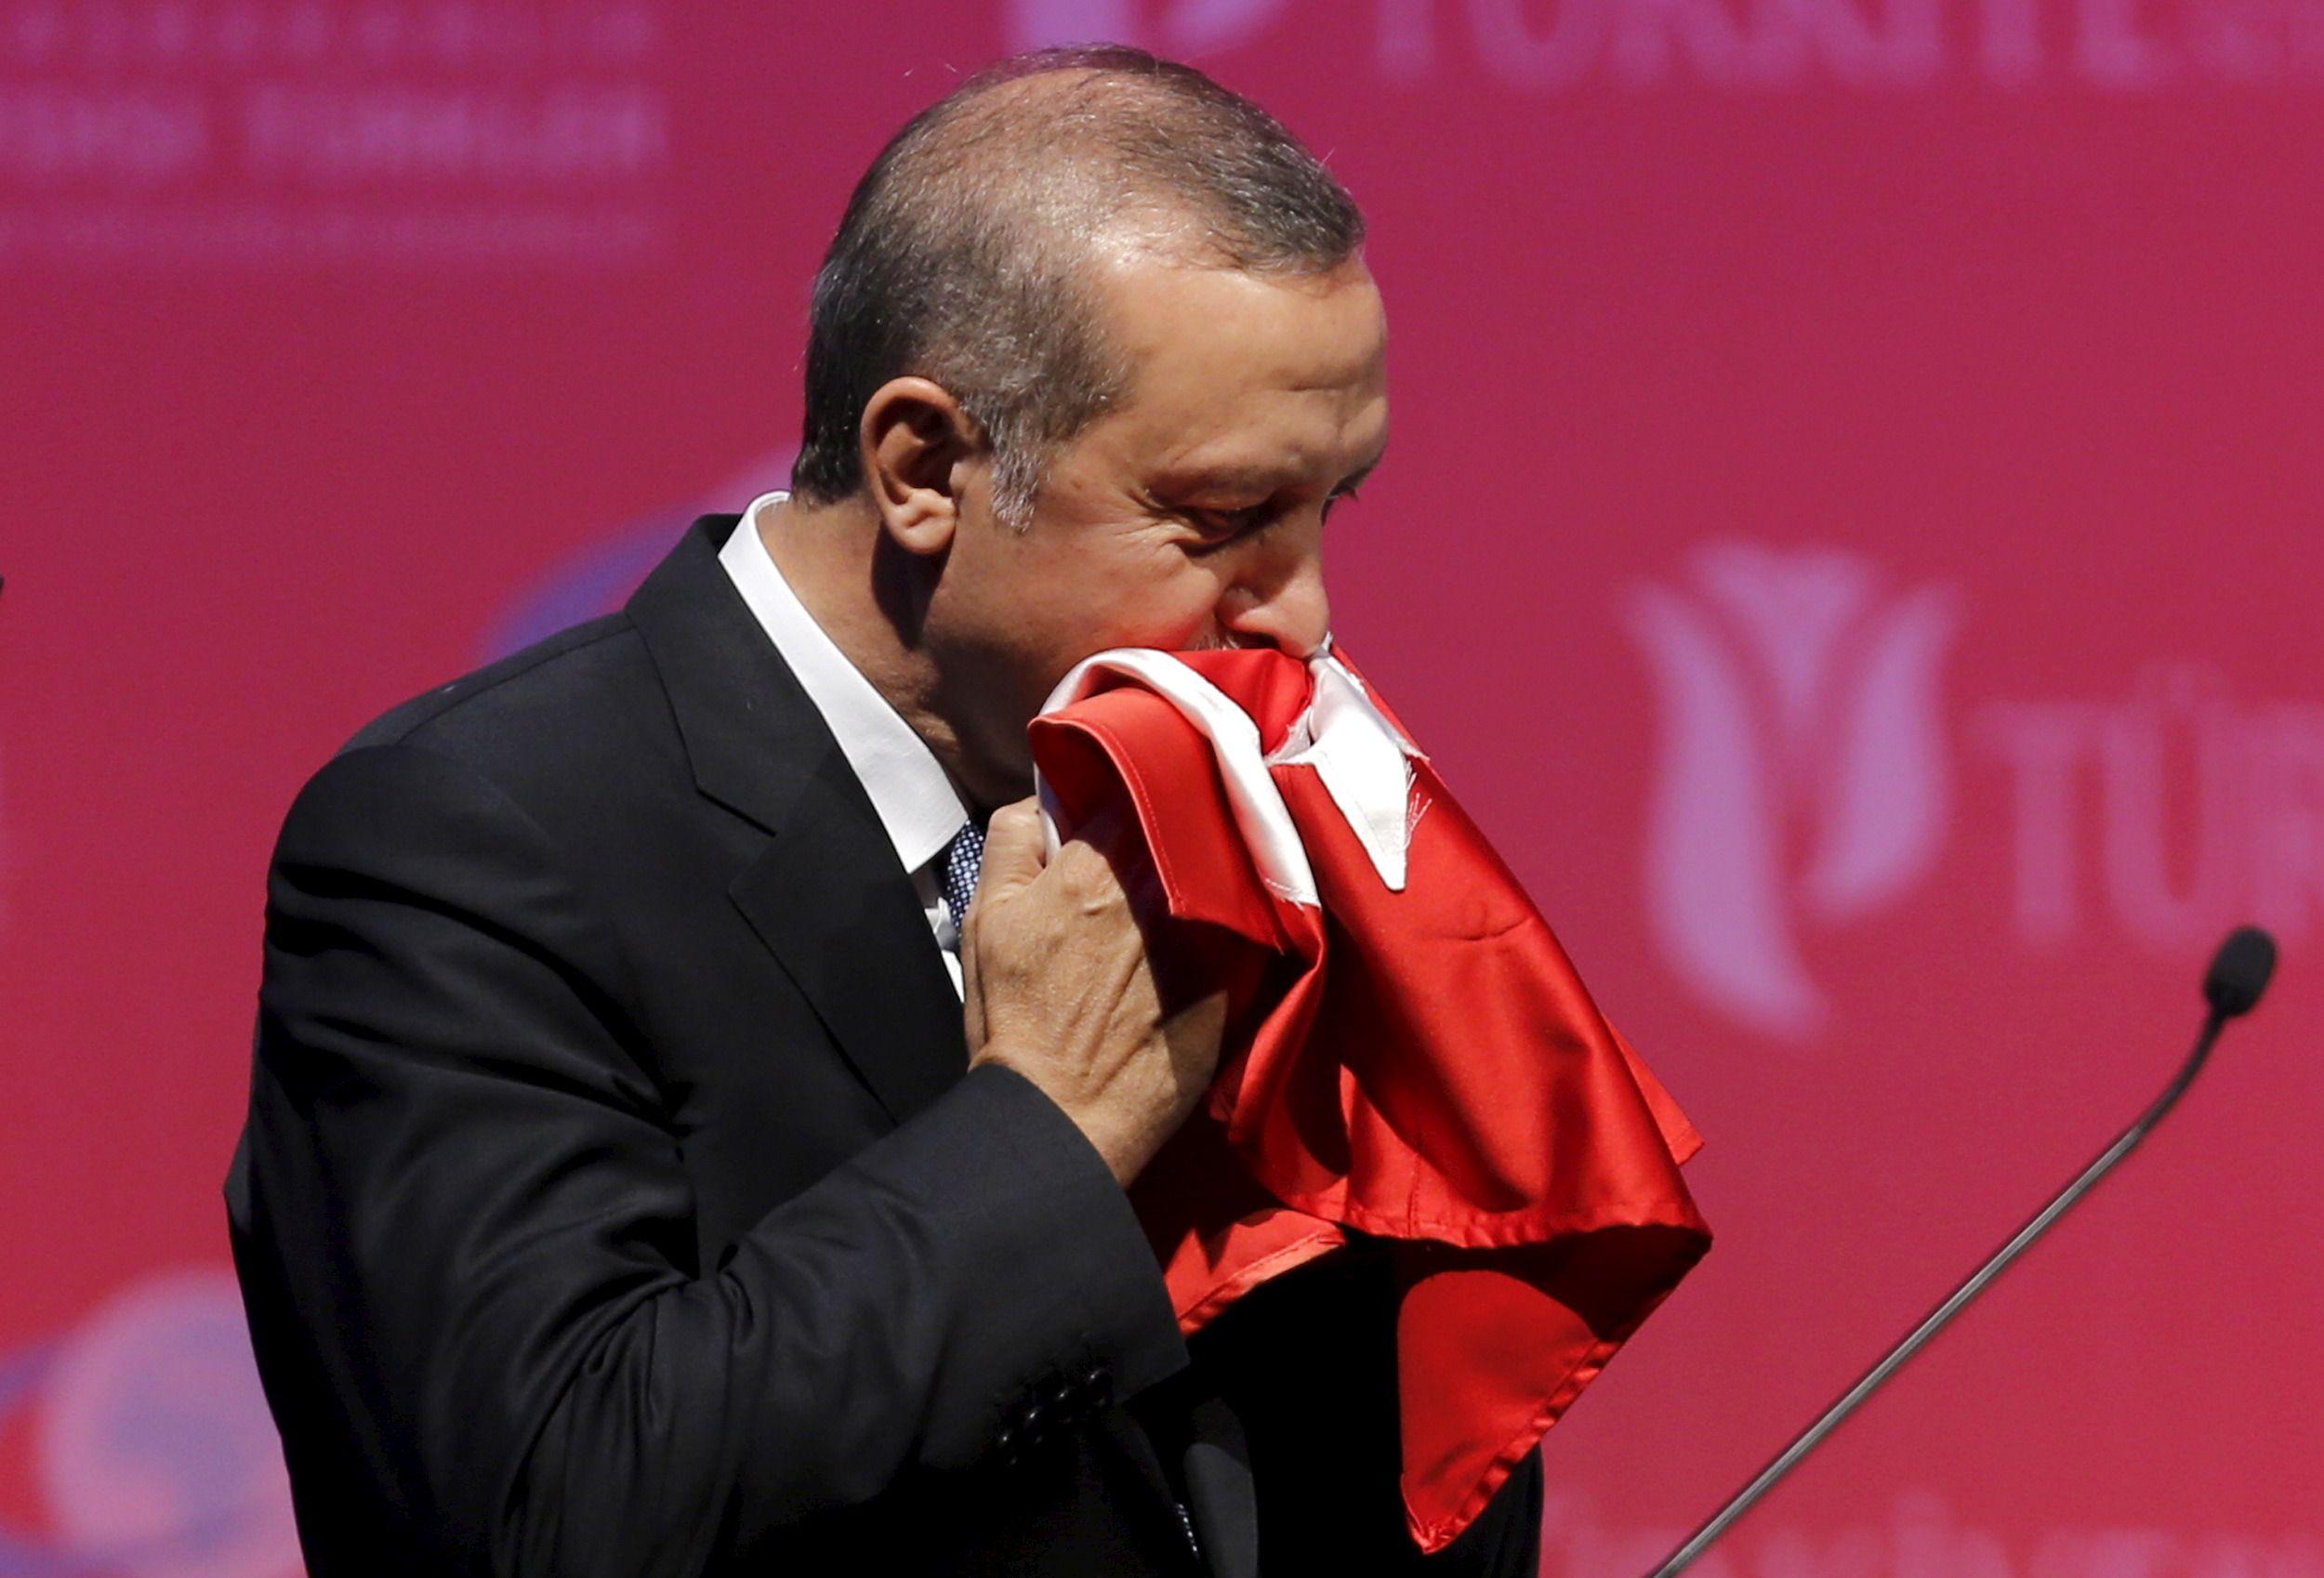 Et au delà de la simple condamnation morale, que peut vraiment faire l'Union européenne pour équilibrer ses relations avec la Turquie de Recep Tayyip Erdogan